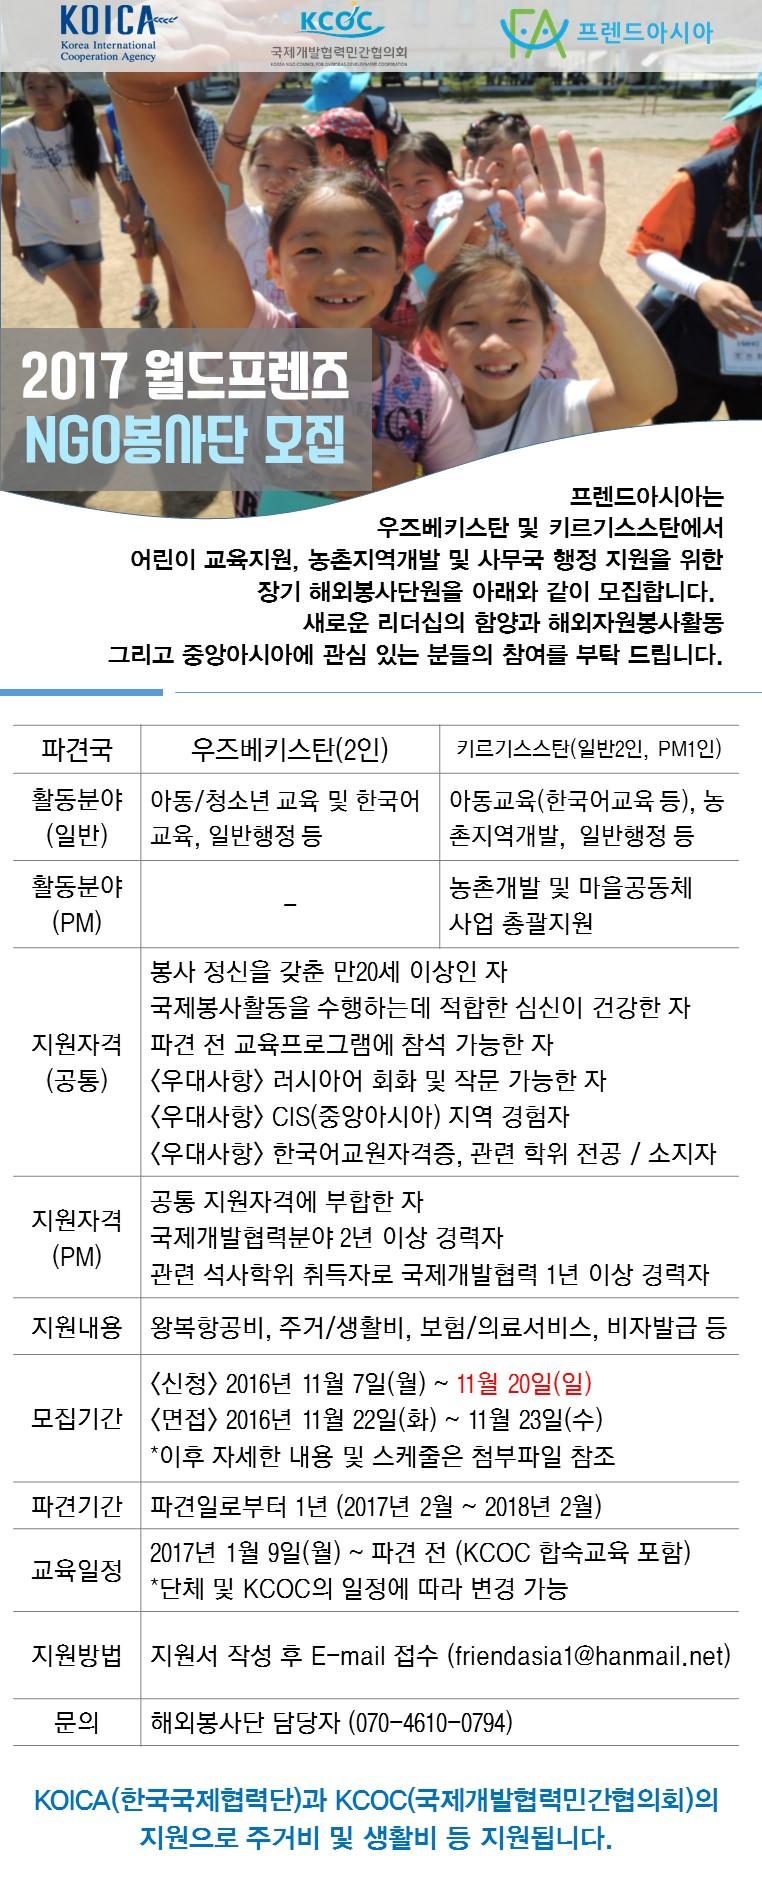 [프렌드아시아] 2017 NGO봉사단 모집공고.JPG